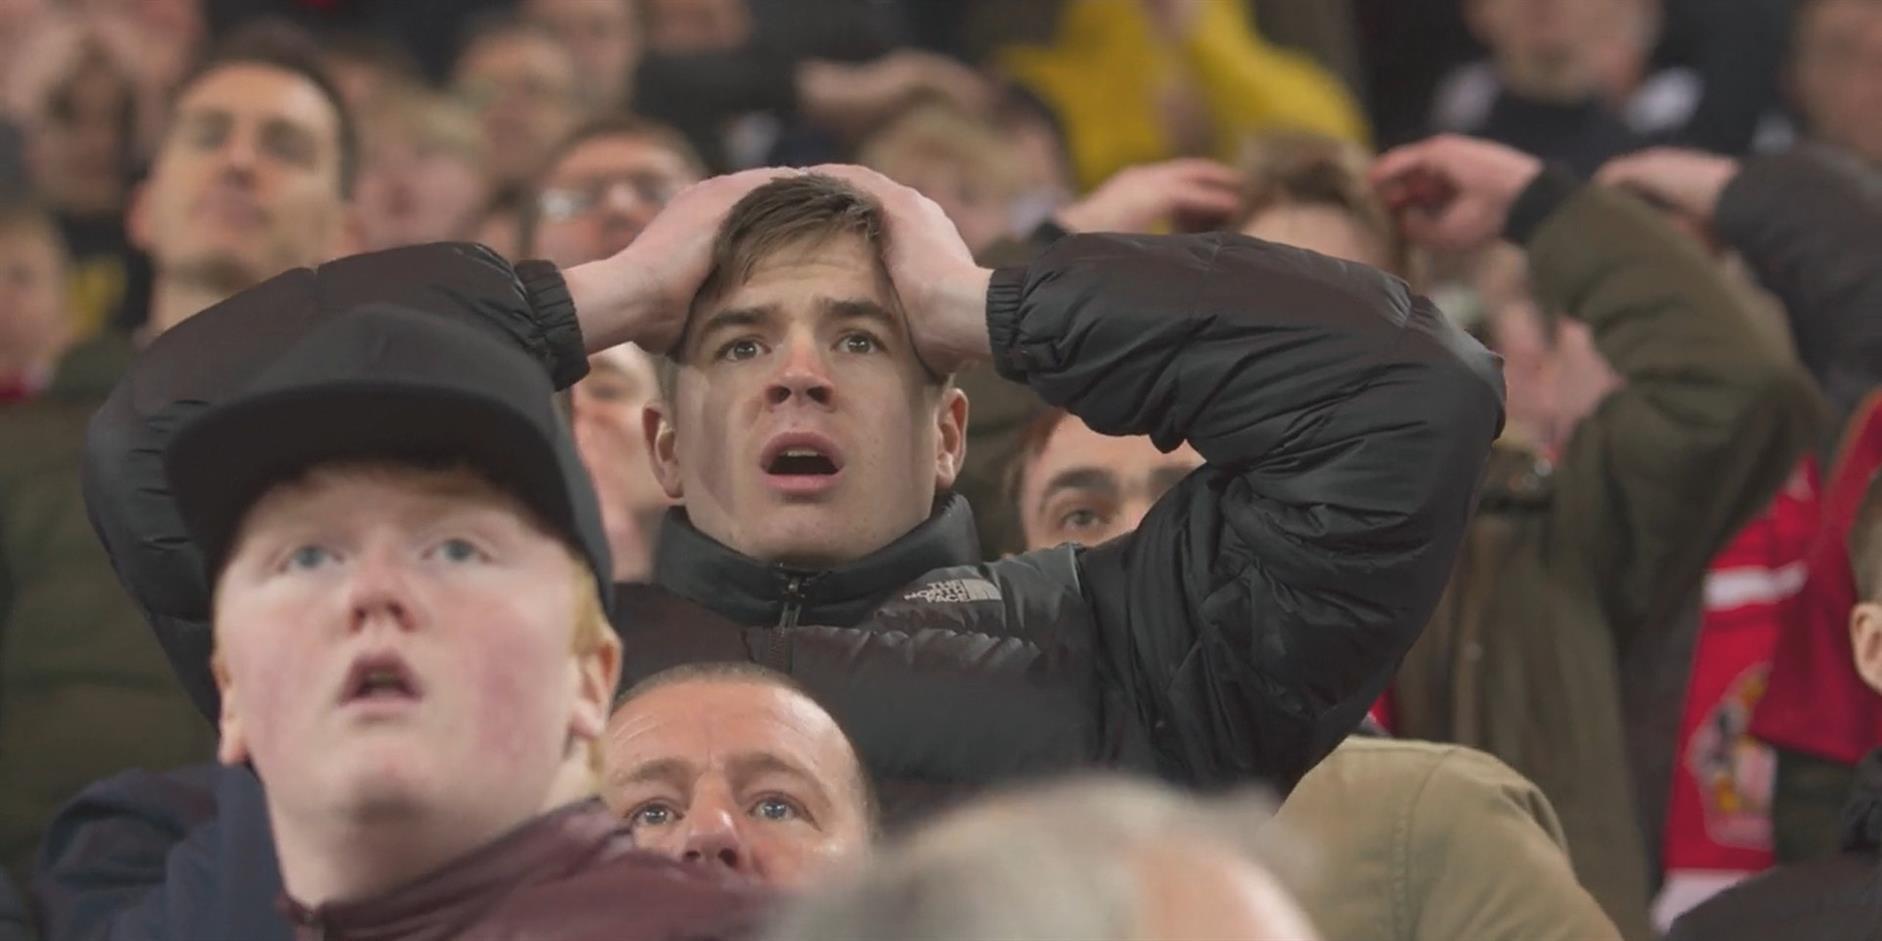 Sunderland Til I Die Saison 3 Saison 2 4EXHxMyKP 6 8